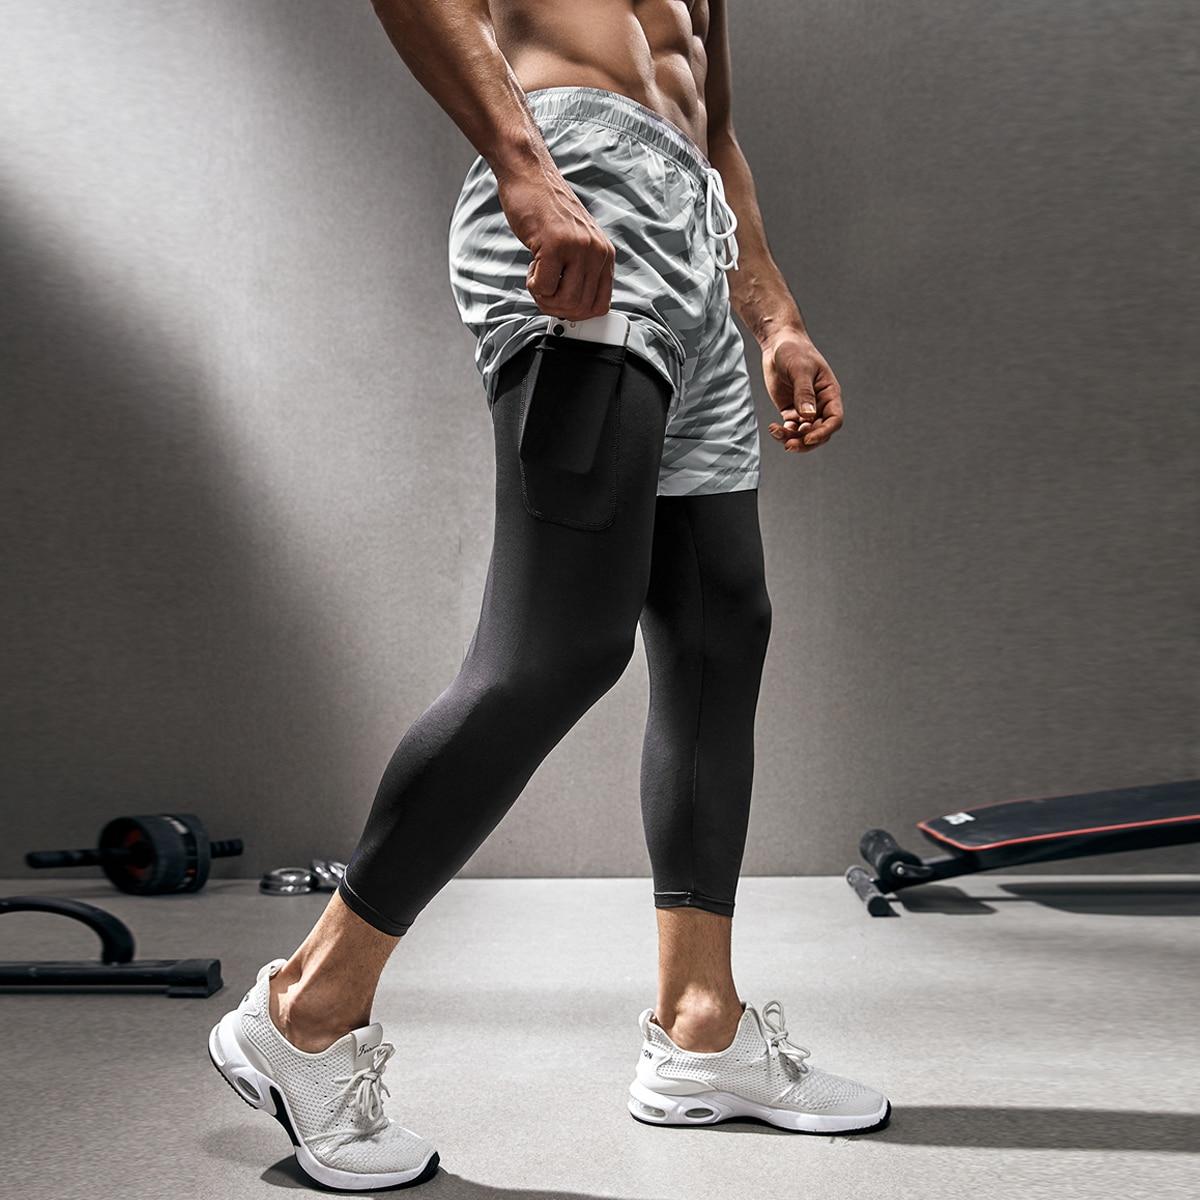 Мужские колготки для йоги с искусственными двойными буквами и геометрическим рисунком на шнурке